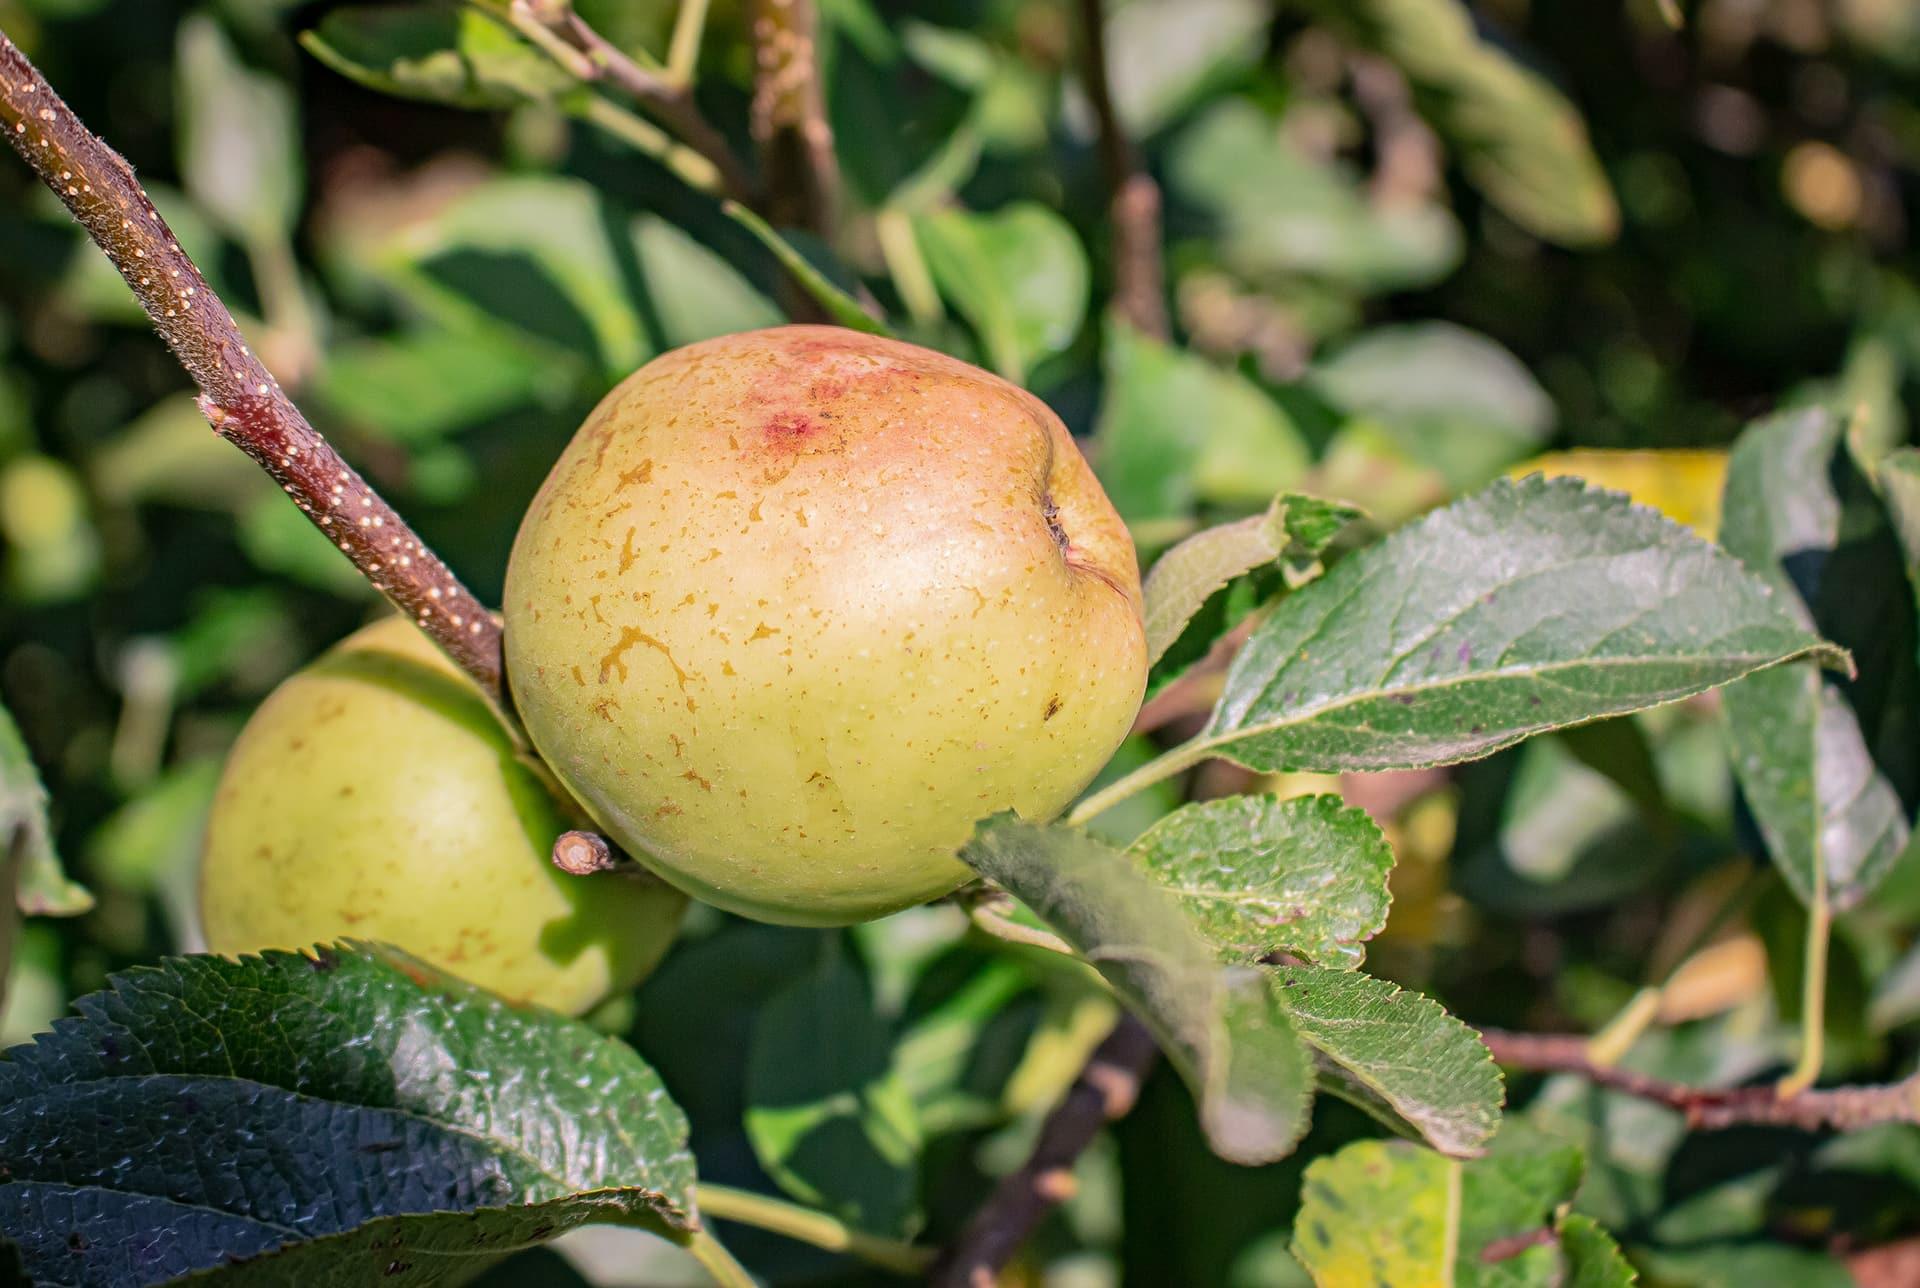 Manzanas para la sidra Carral: golden delicius